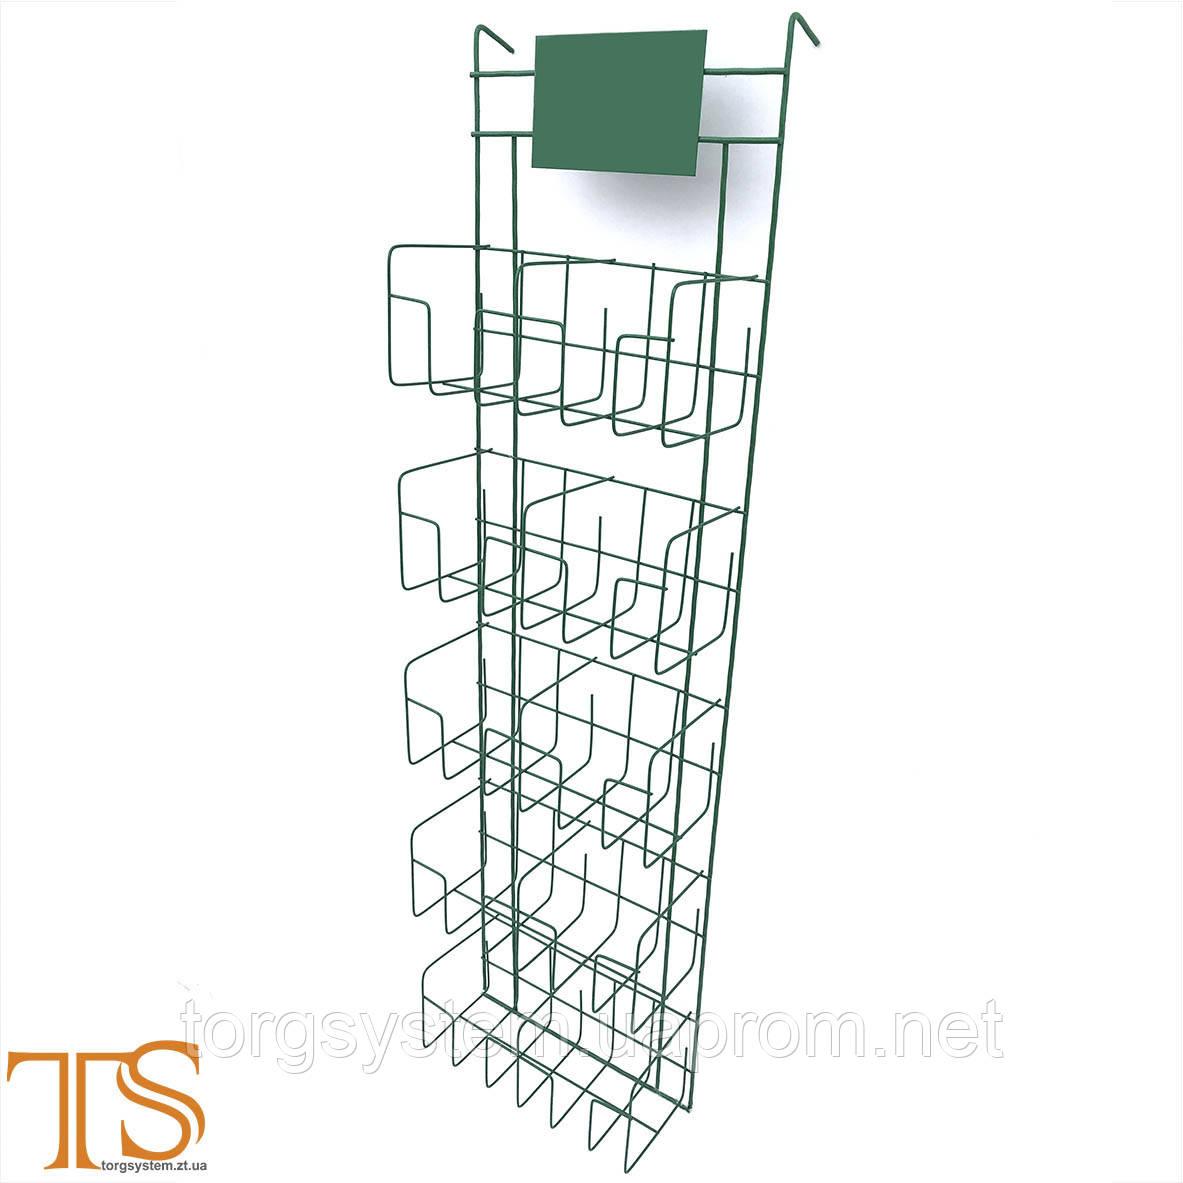 Стенд под специи на 10 карманов вертикальный навесной с табличкой